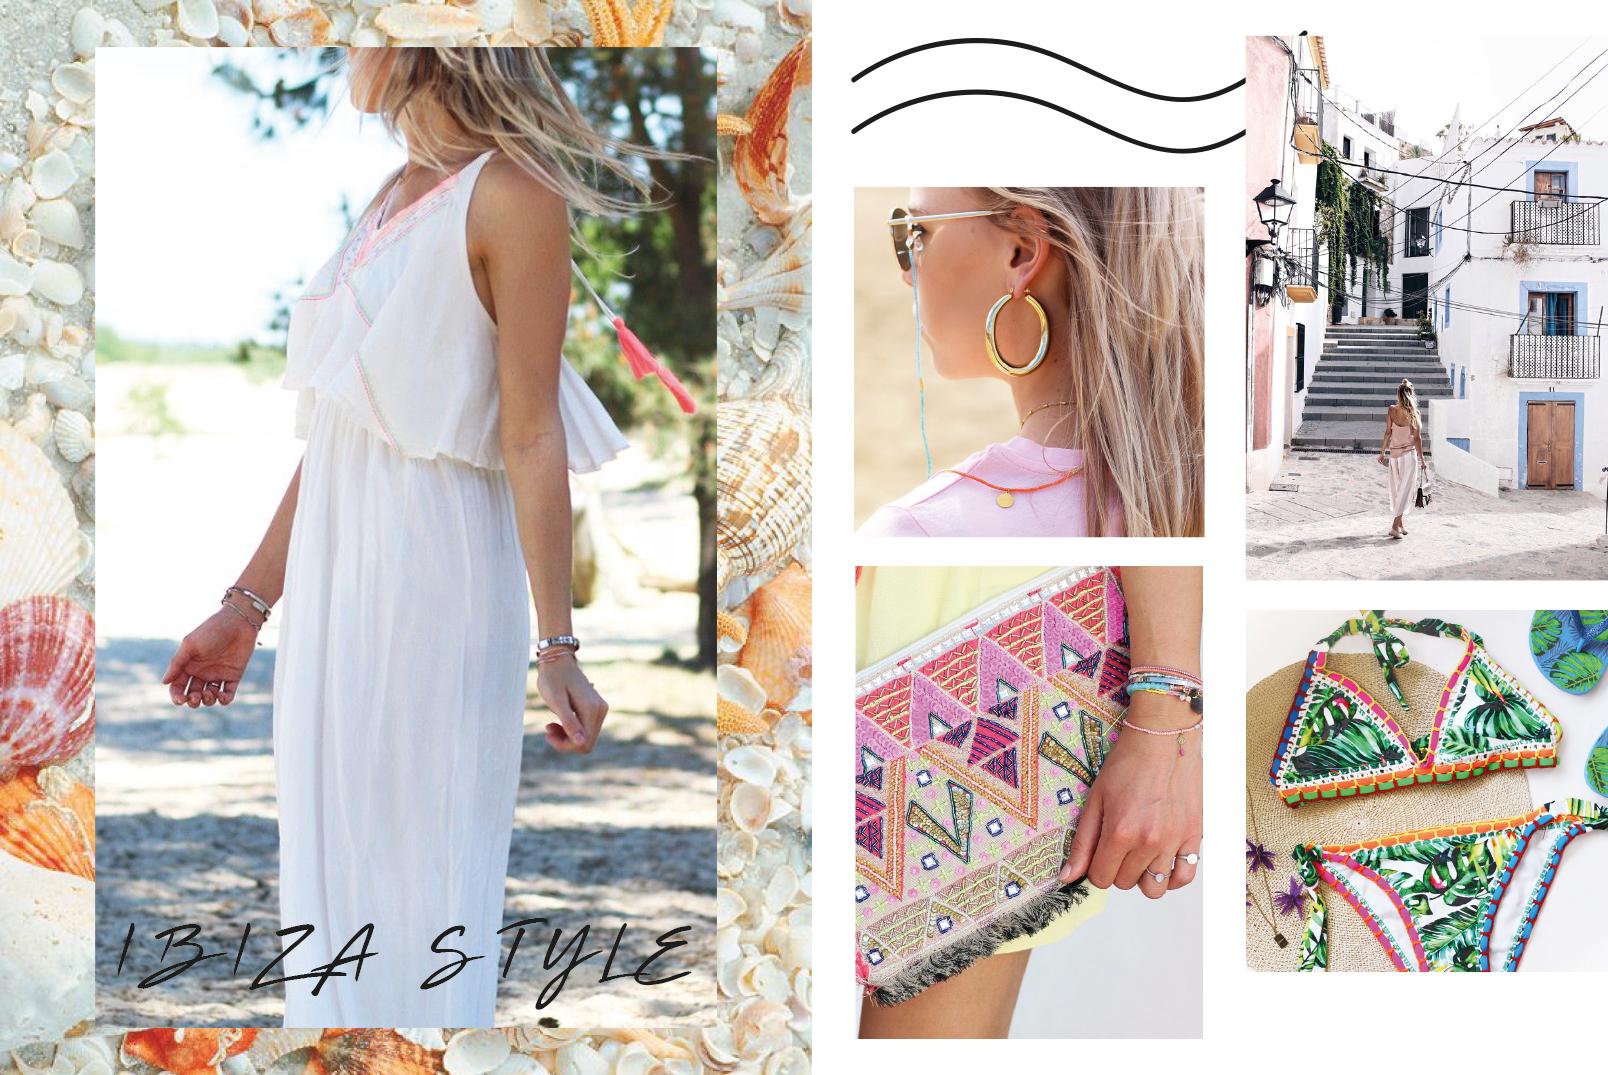 Ibiza style kleding